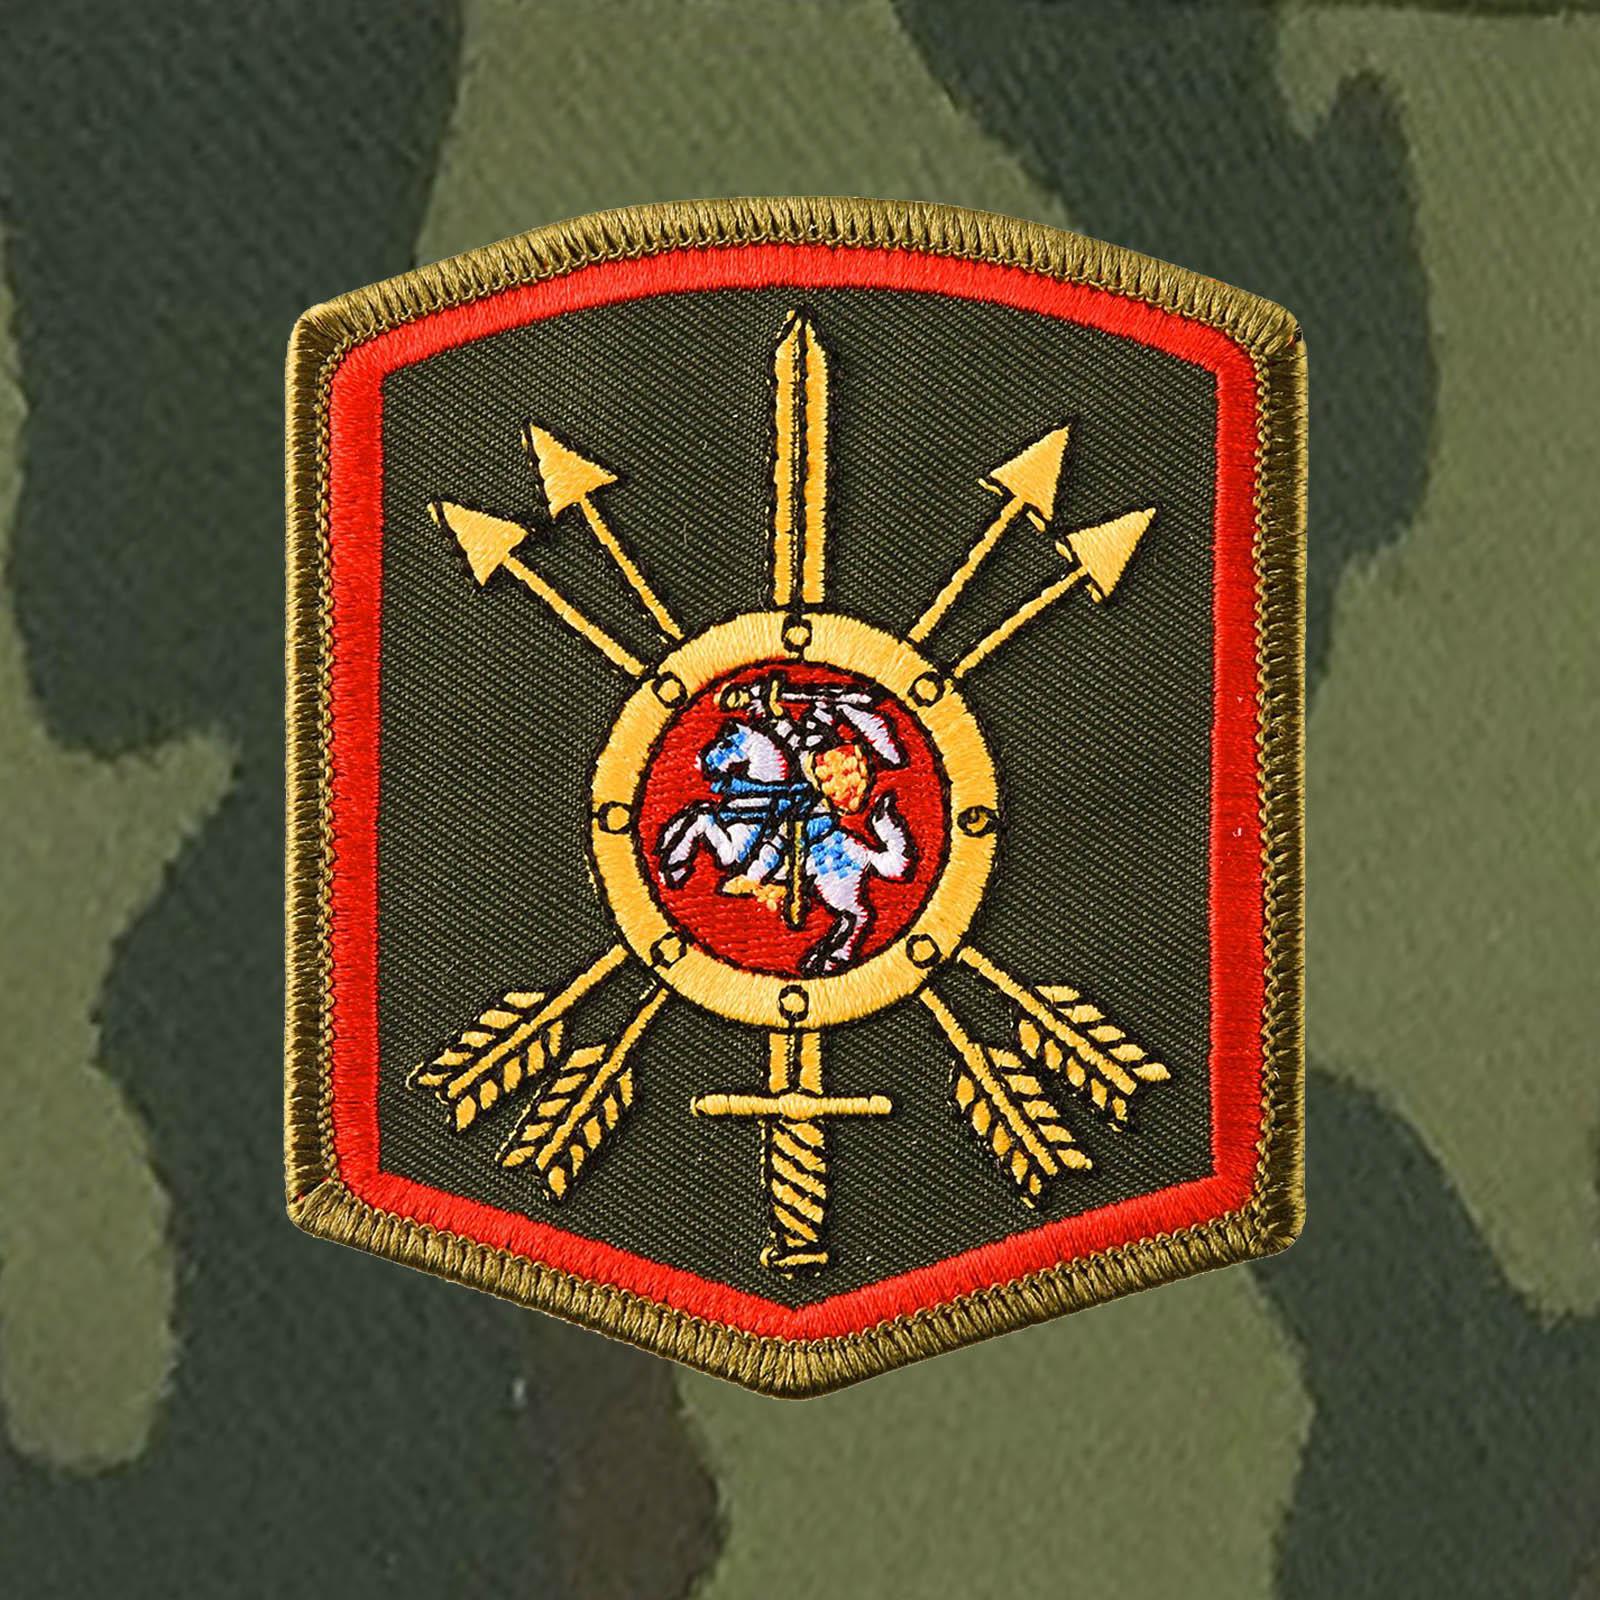 Уставная кепка 27-ой ракетной дивизии РВСН.